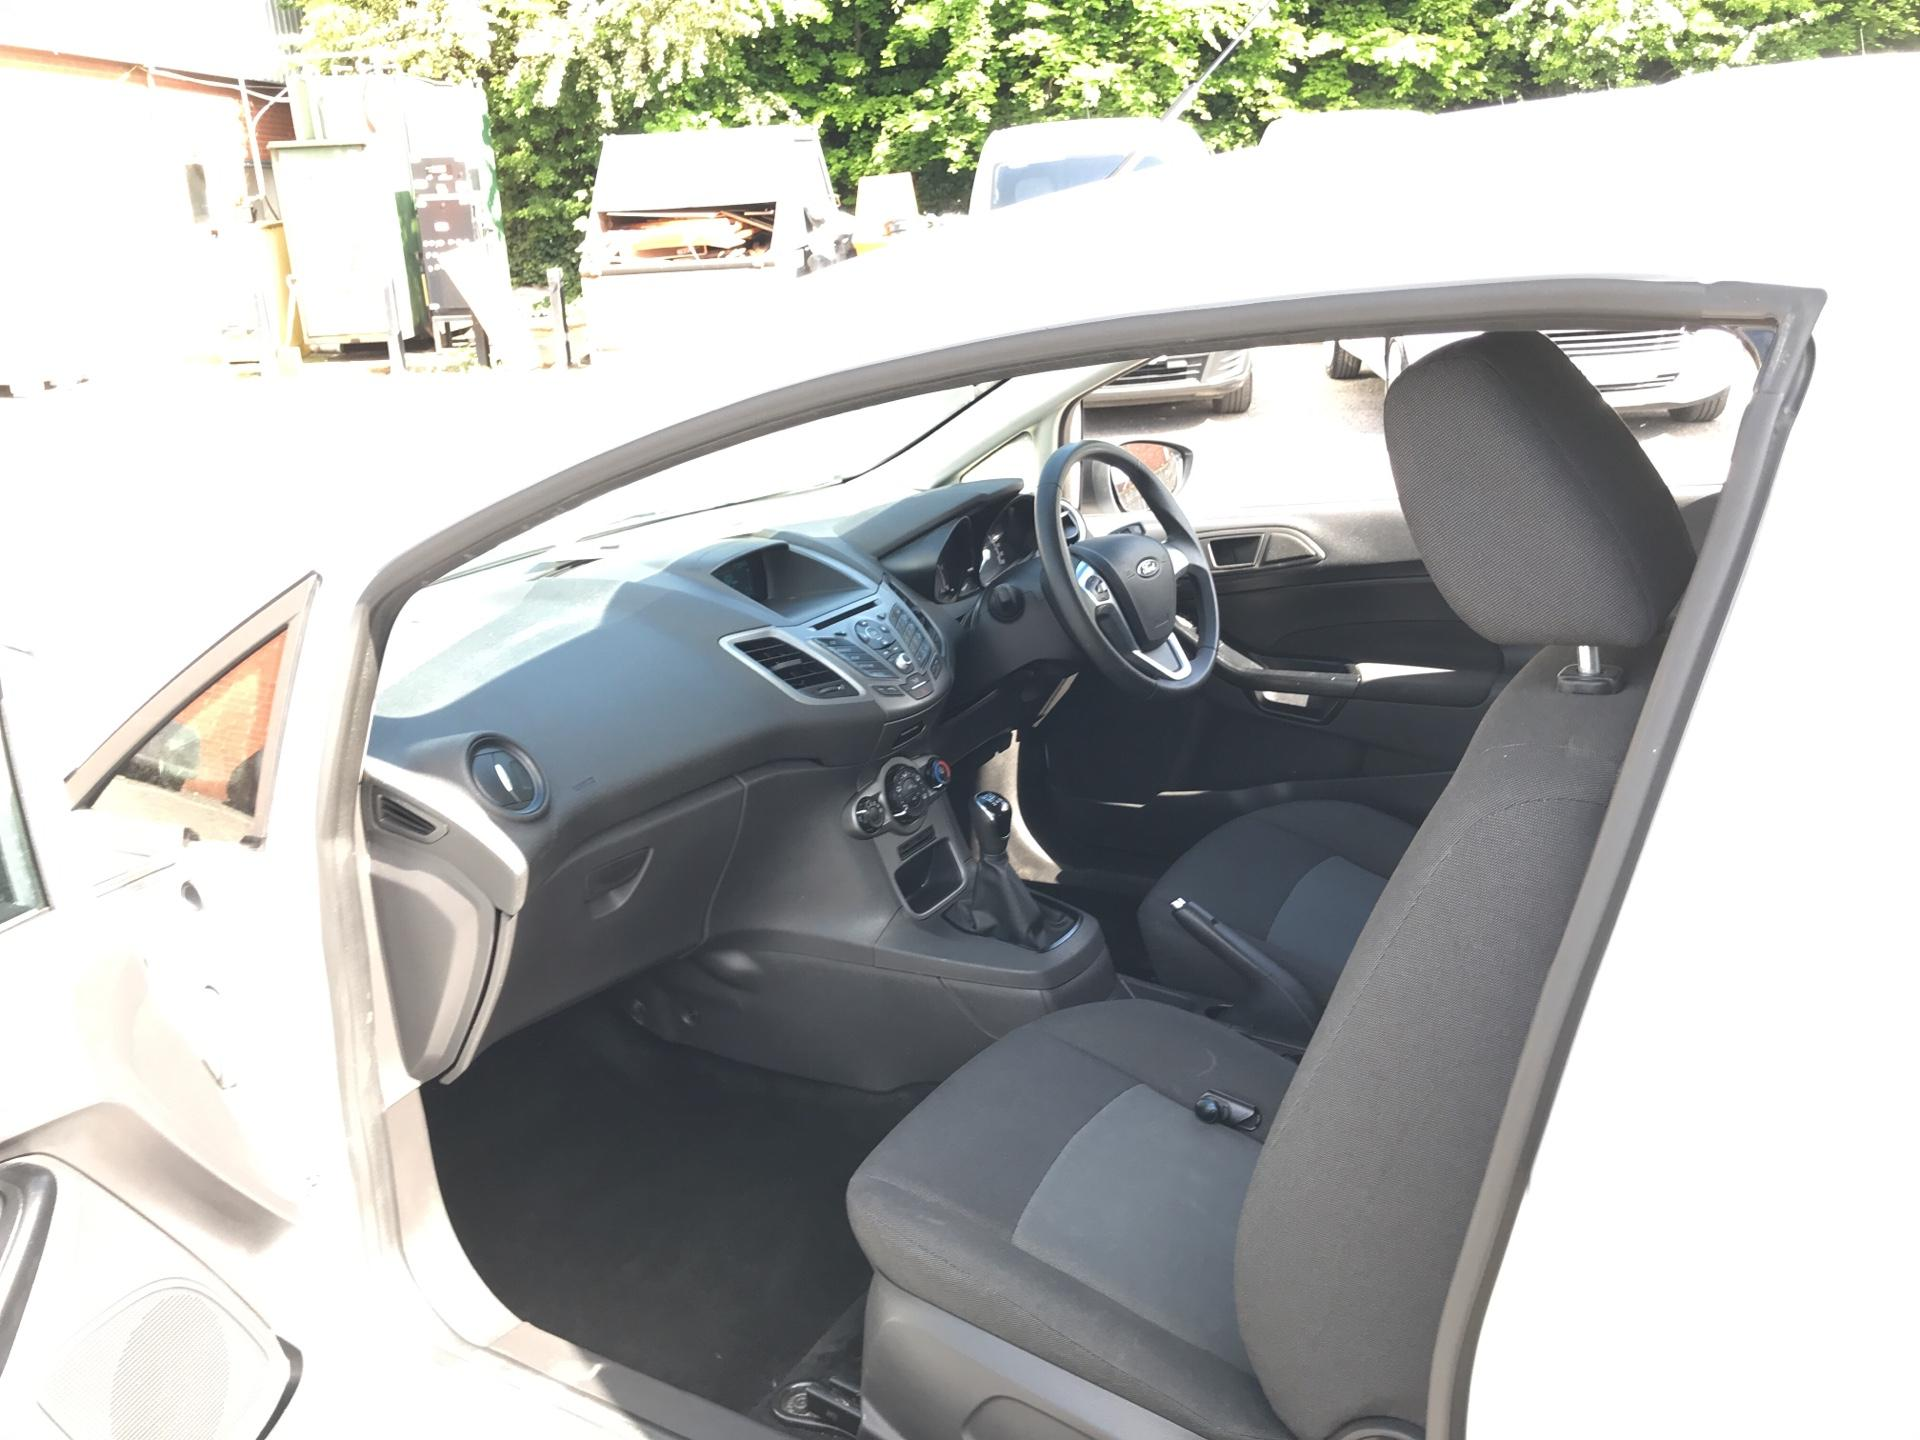 2016 Ford Fiesta 1.5 Tdci Van EURO 5 (FN16UVR) Image 14